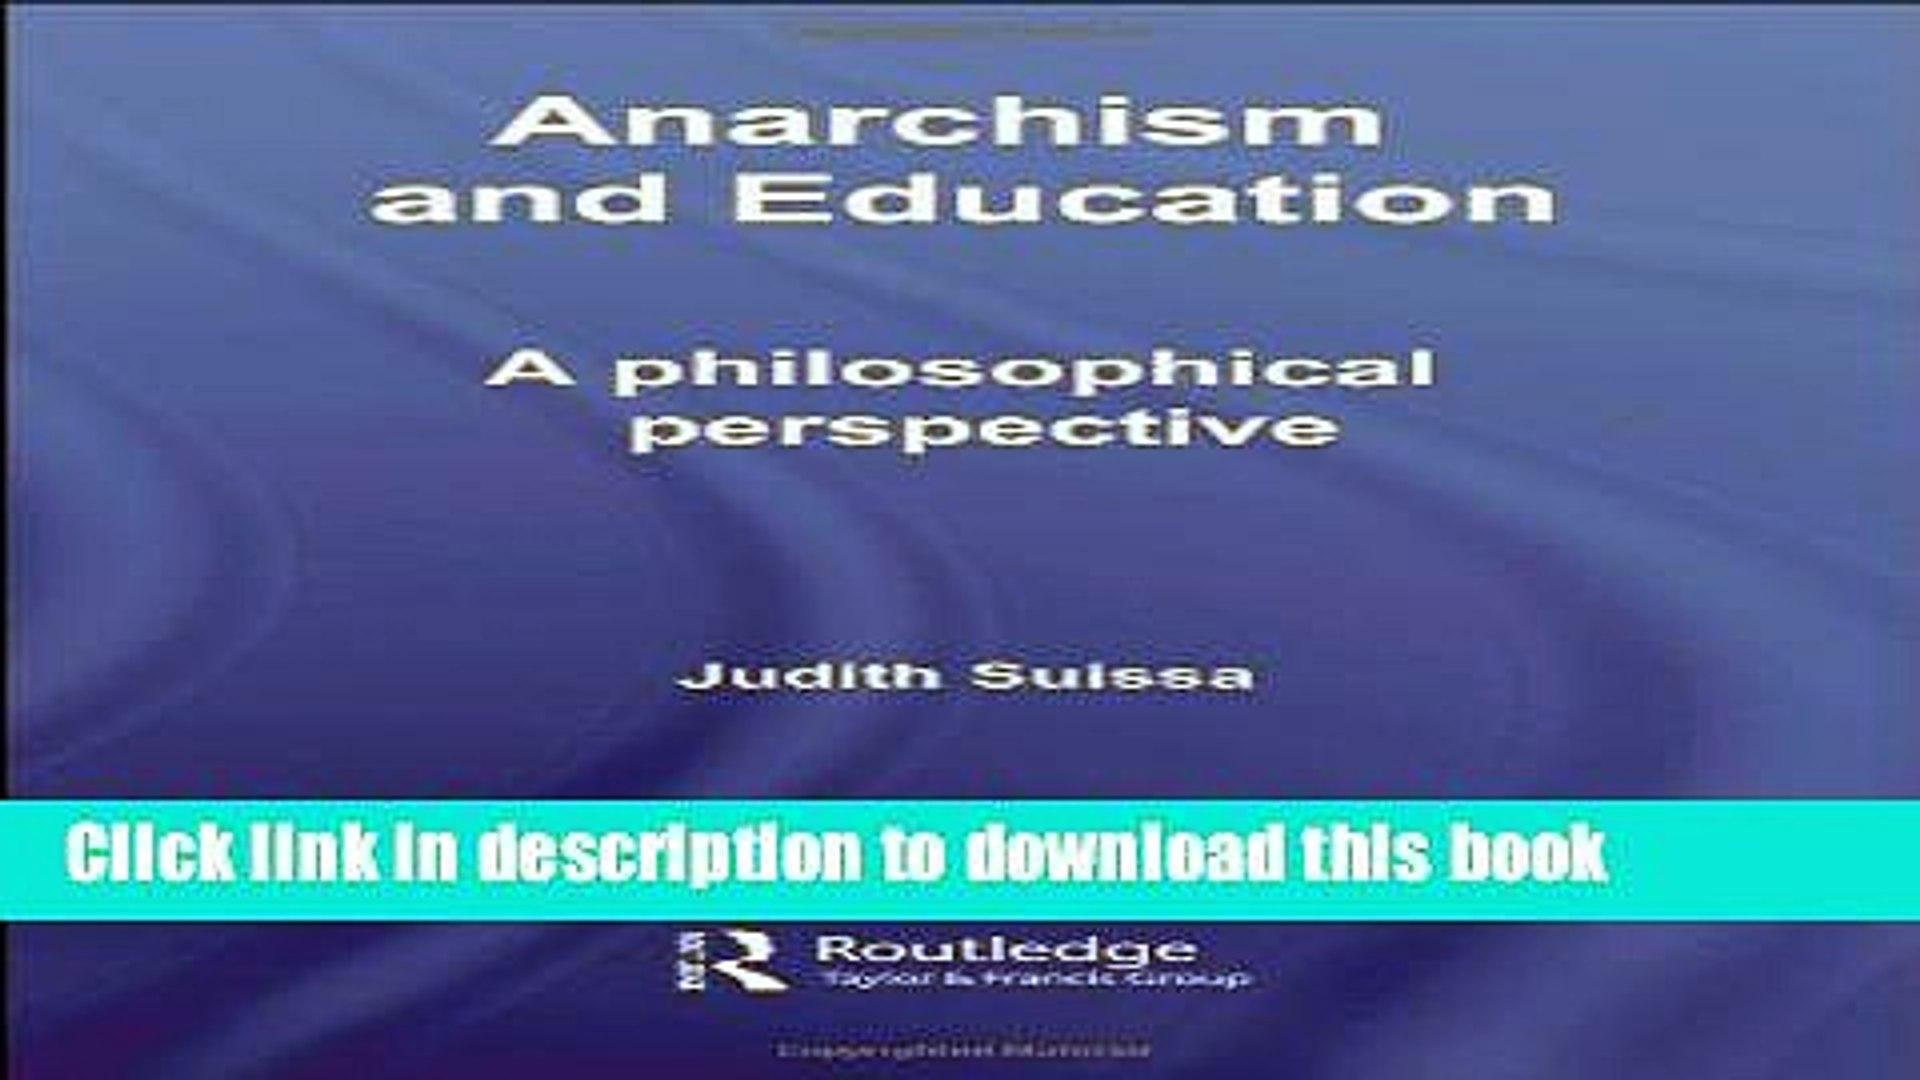 1. Varieties of Anarchism